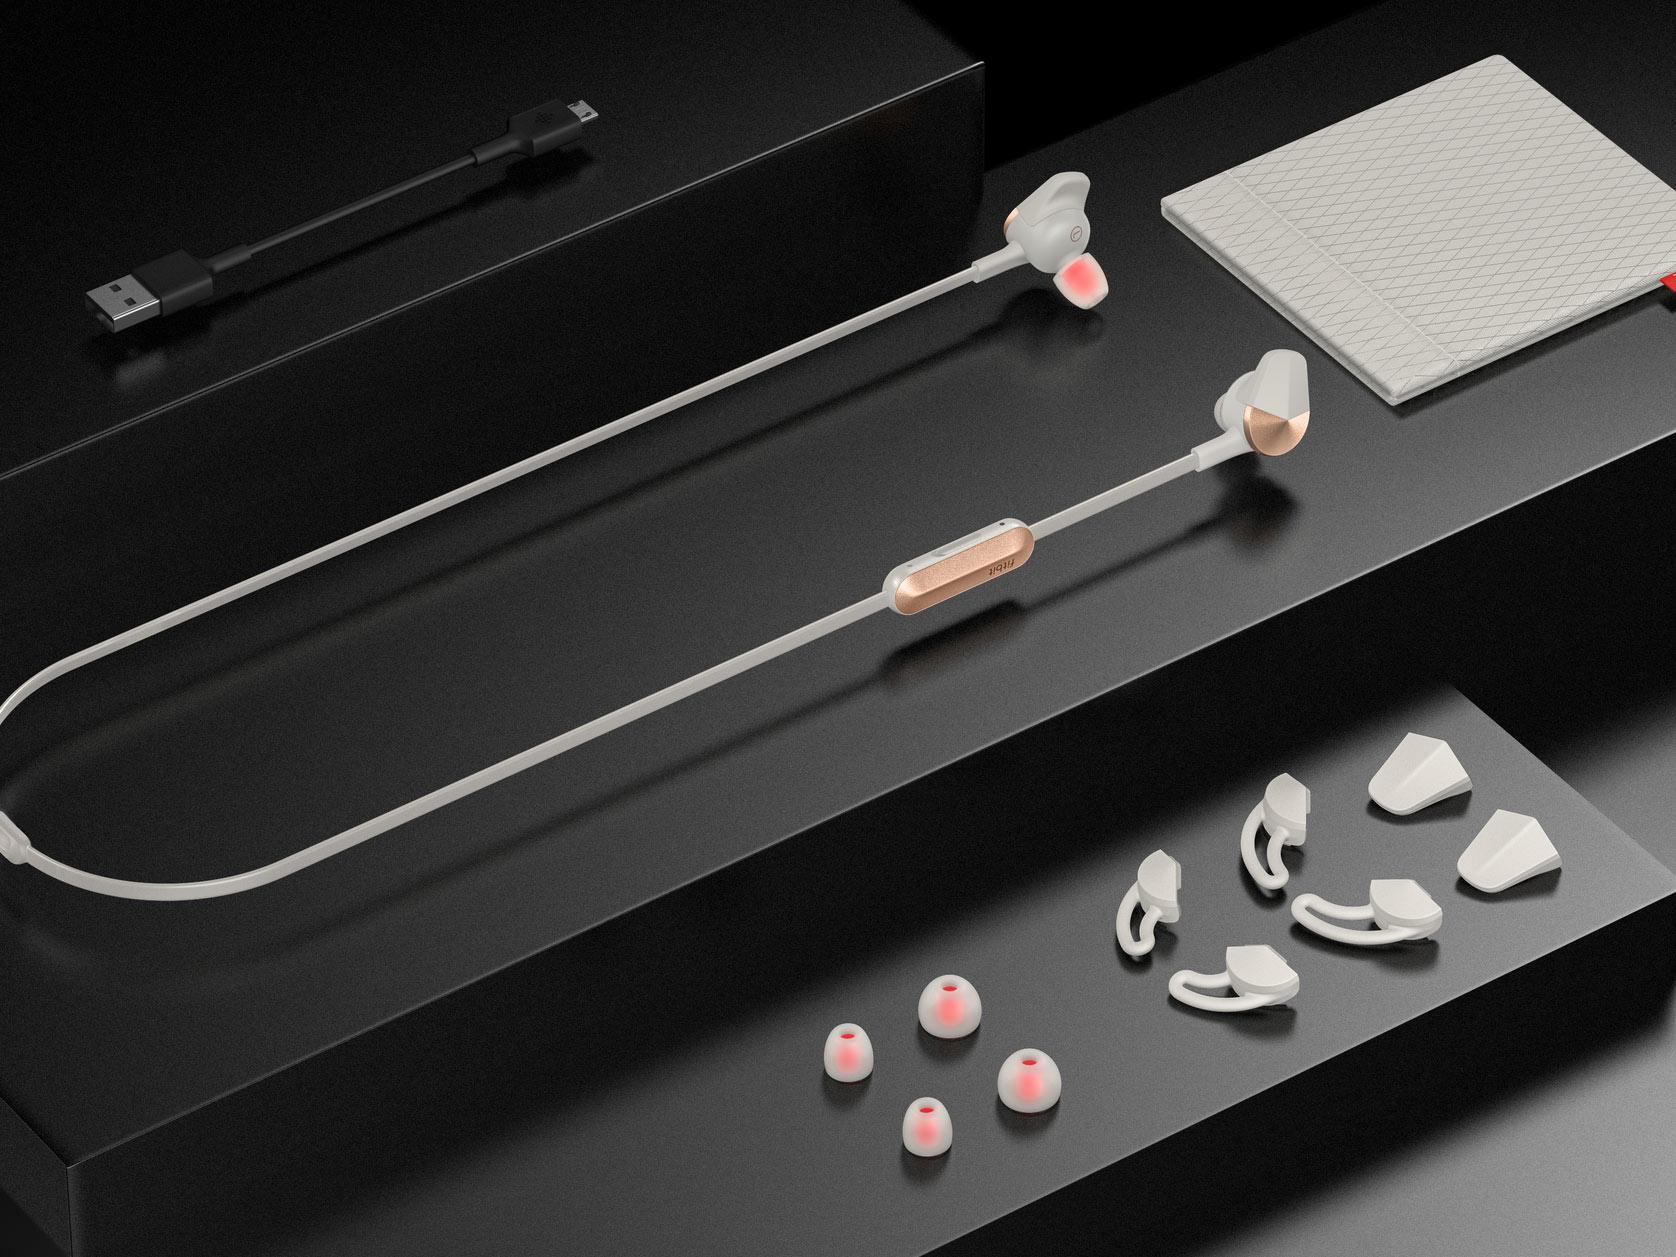 Fitbit Flyer headphones in Lunar Gray